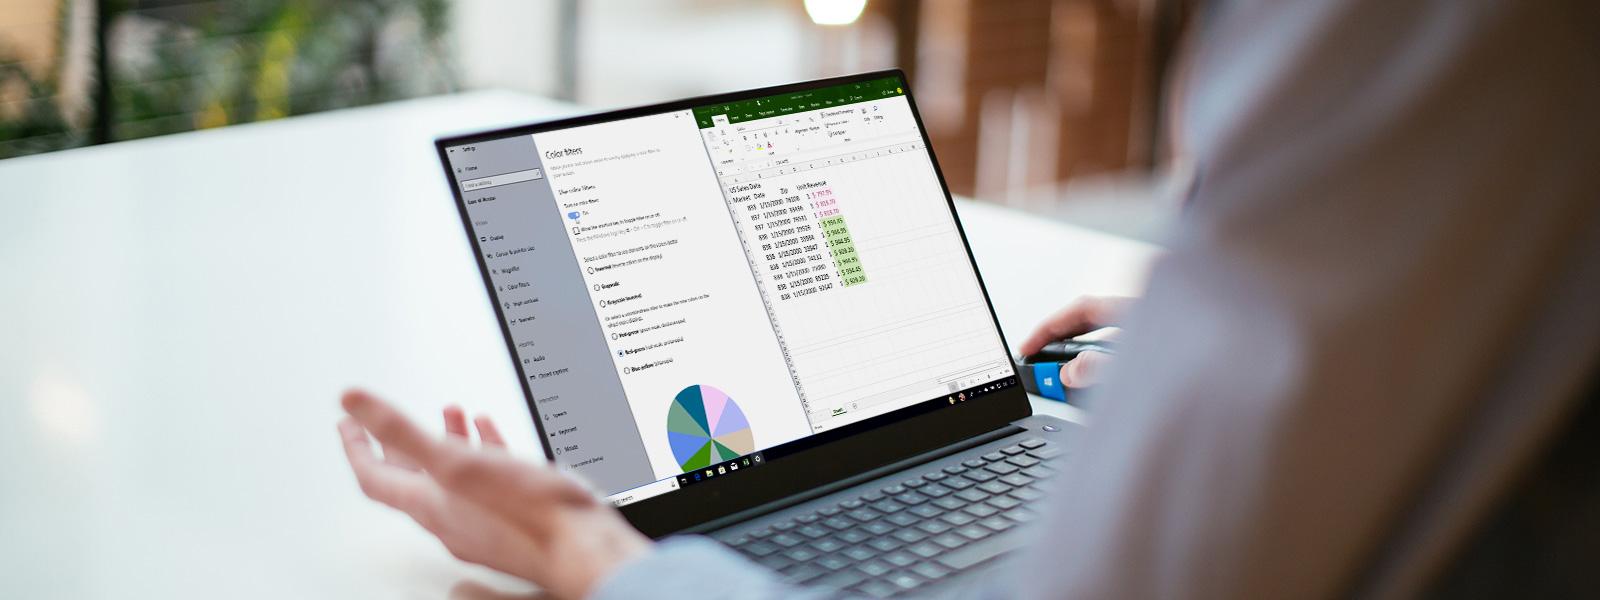 คนกำลังใช้คอมพิวเตอร์แล็ปท็อปโดยเปิดใช้งานตัวกรองสีใน Windows 10